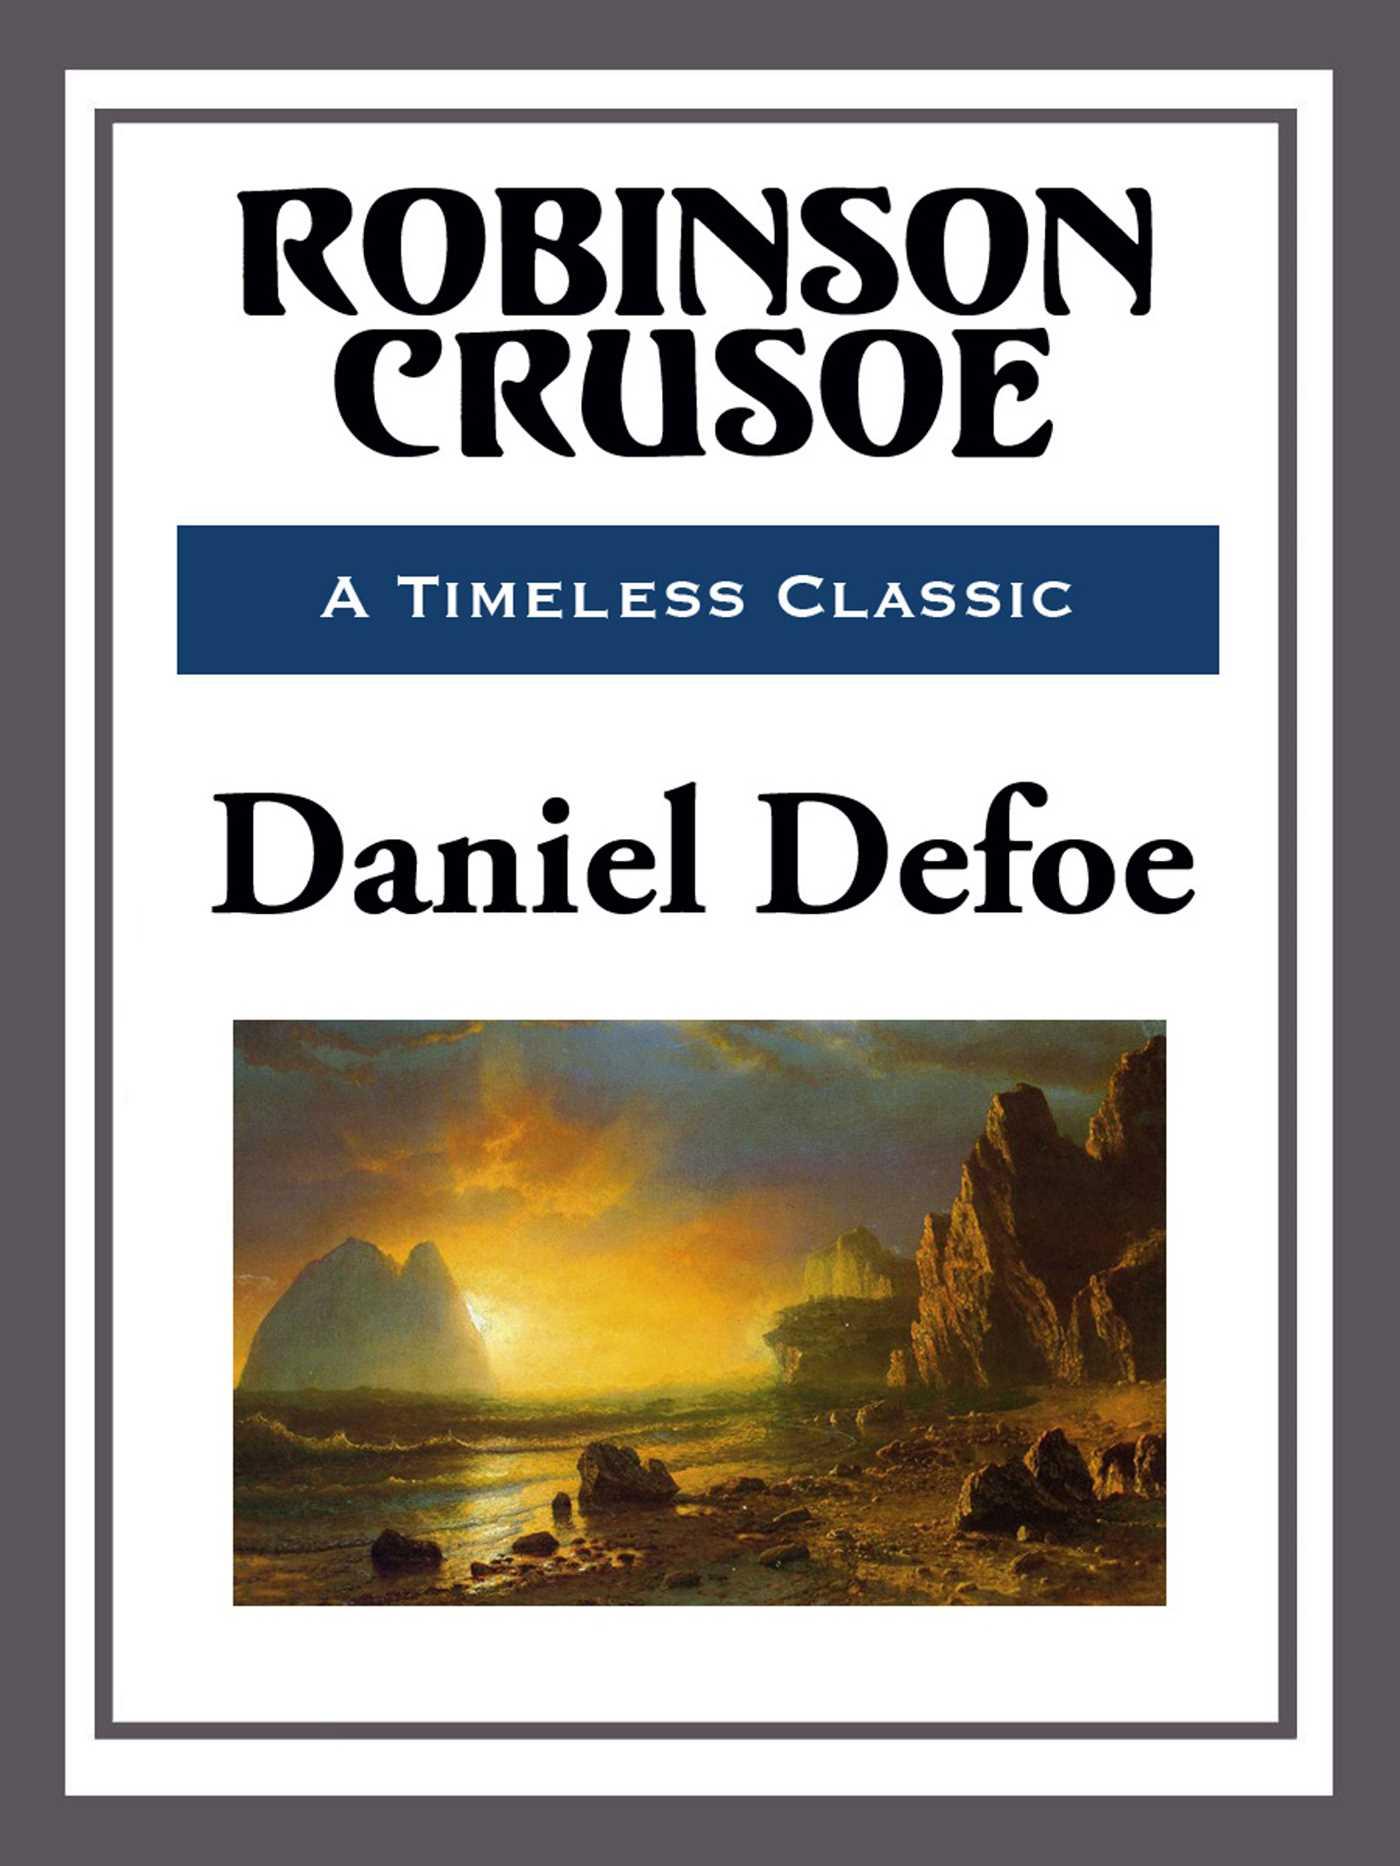 Robinson crusoe 9781609772970 hr